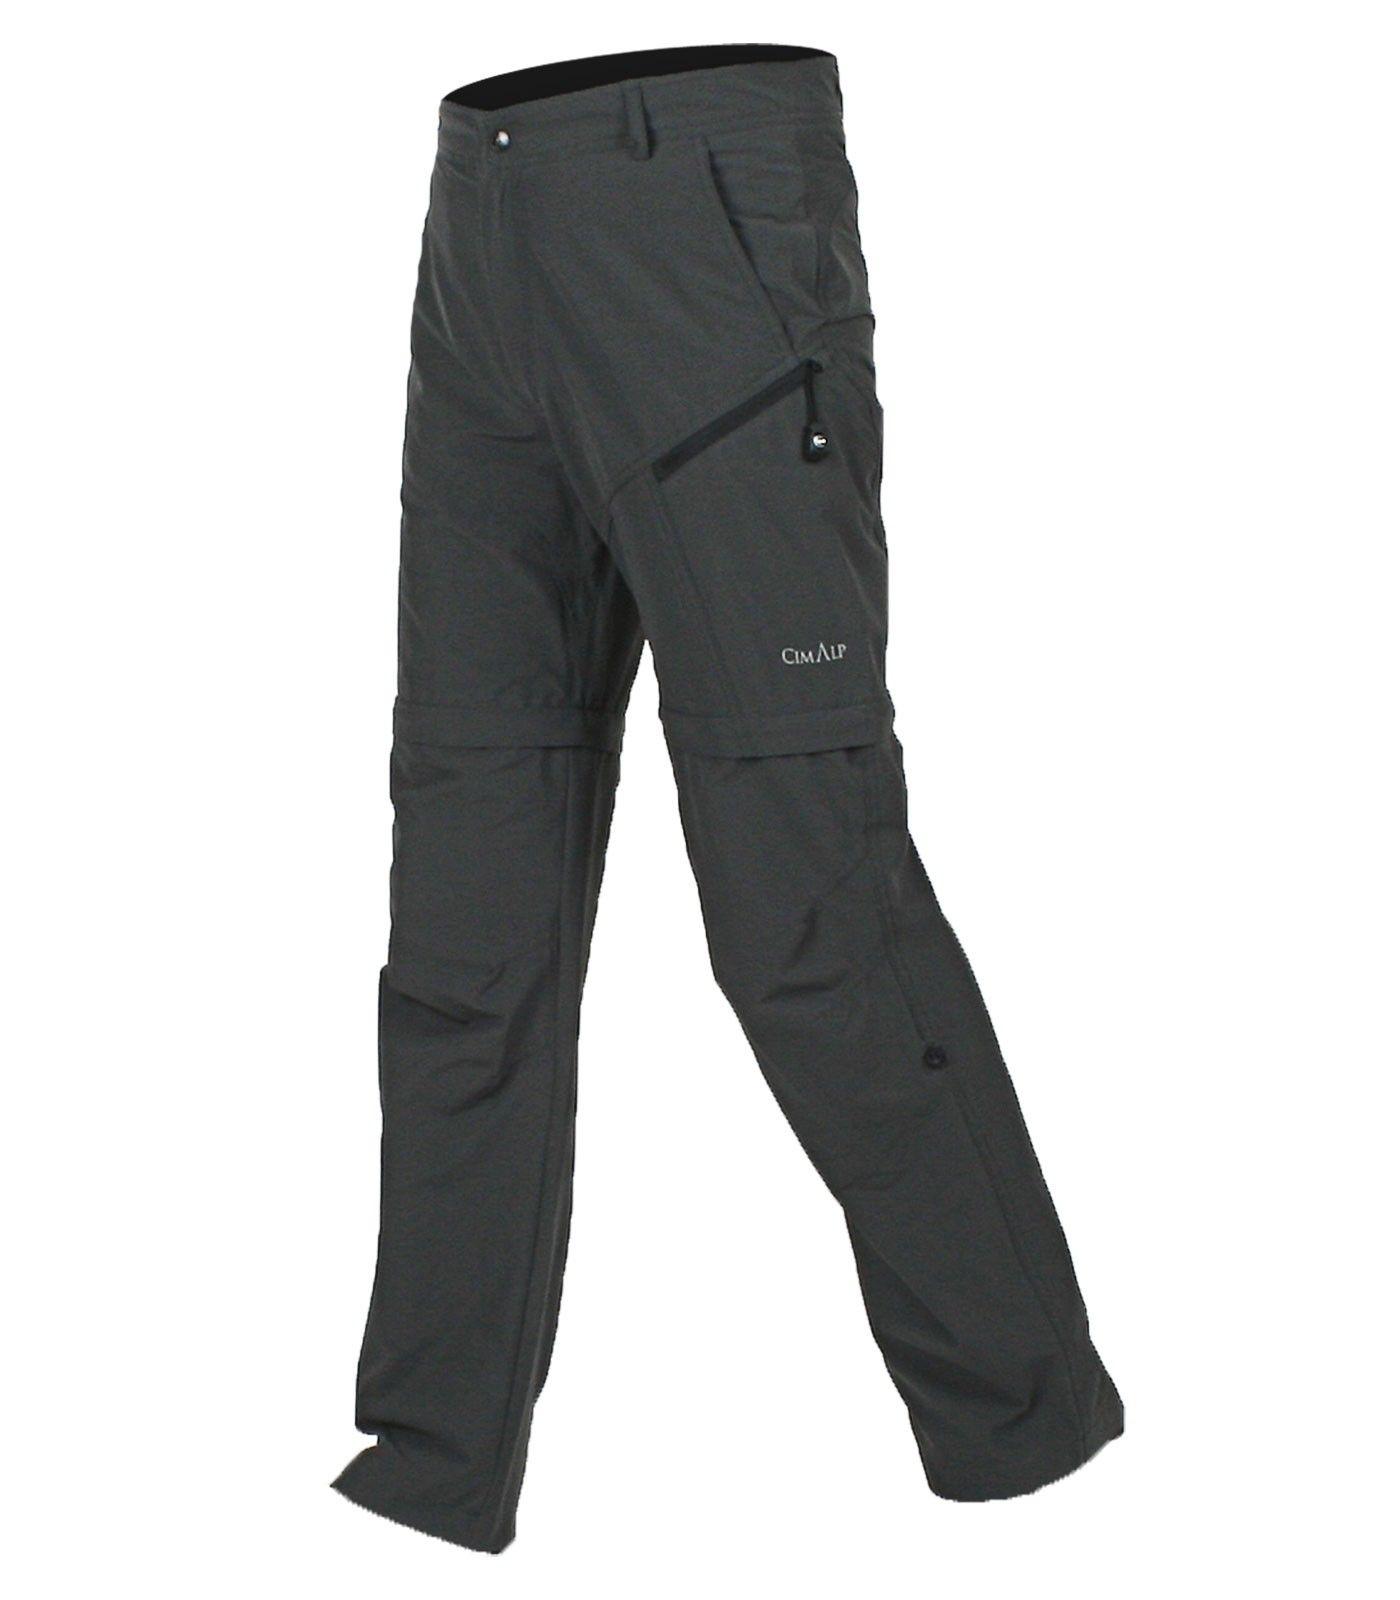 Comment choisir ses pantalons de ski   Taille et matériaux 49c958ec835